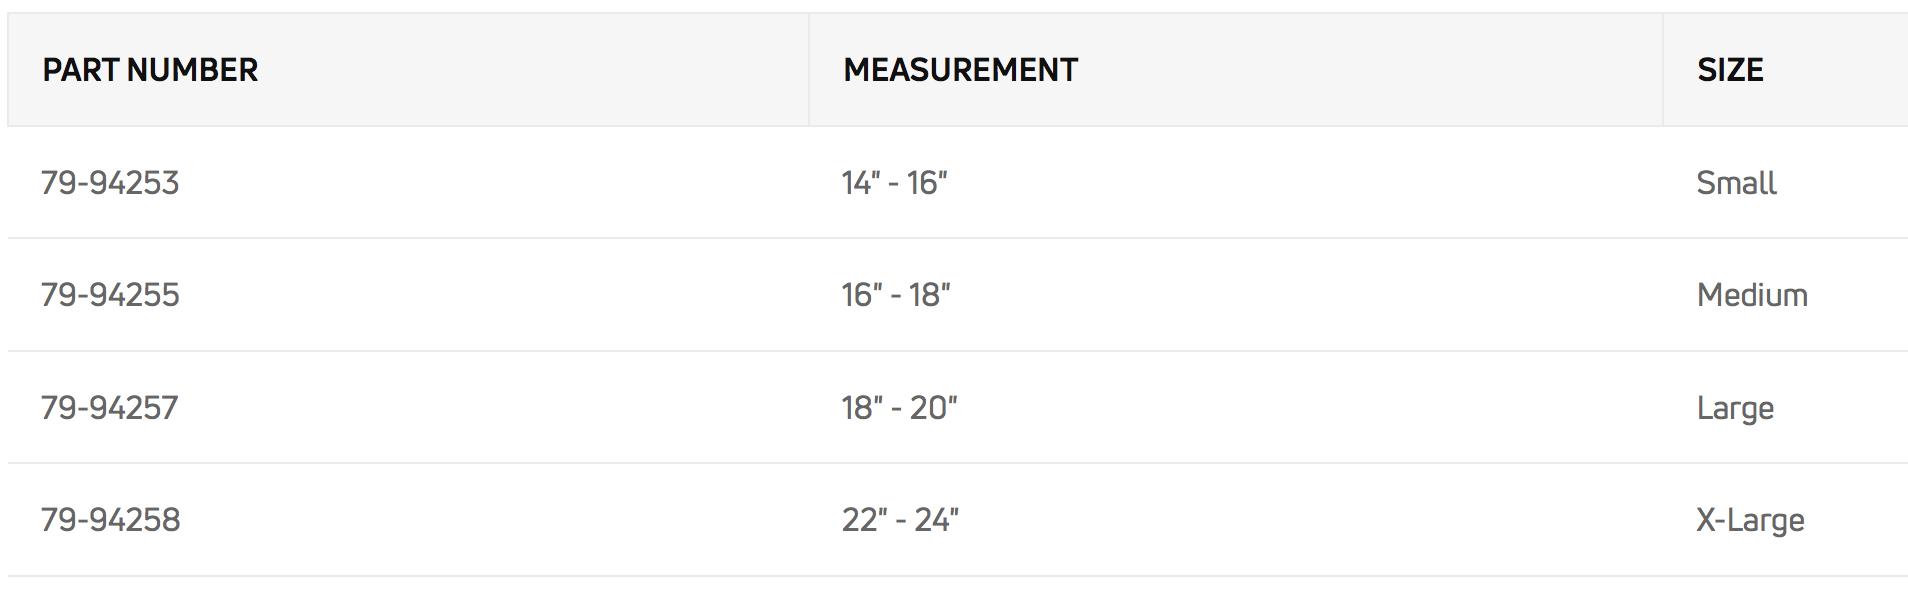 kneeranger-ii-size-chart.png